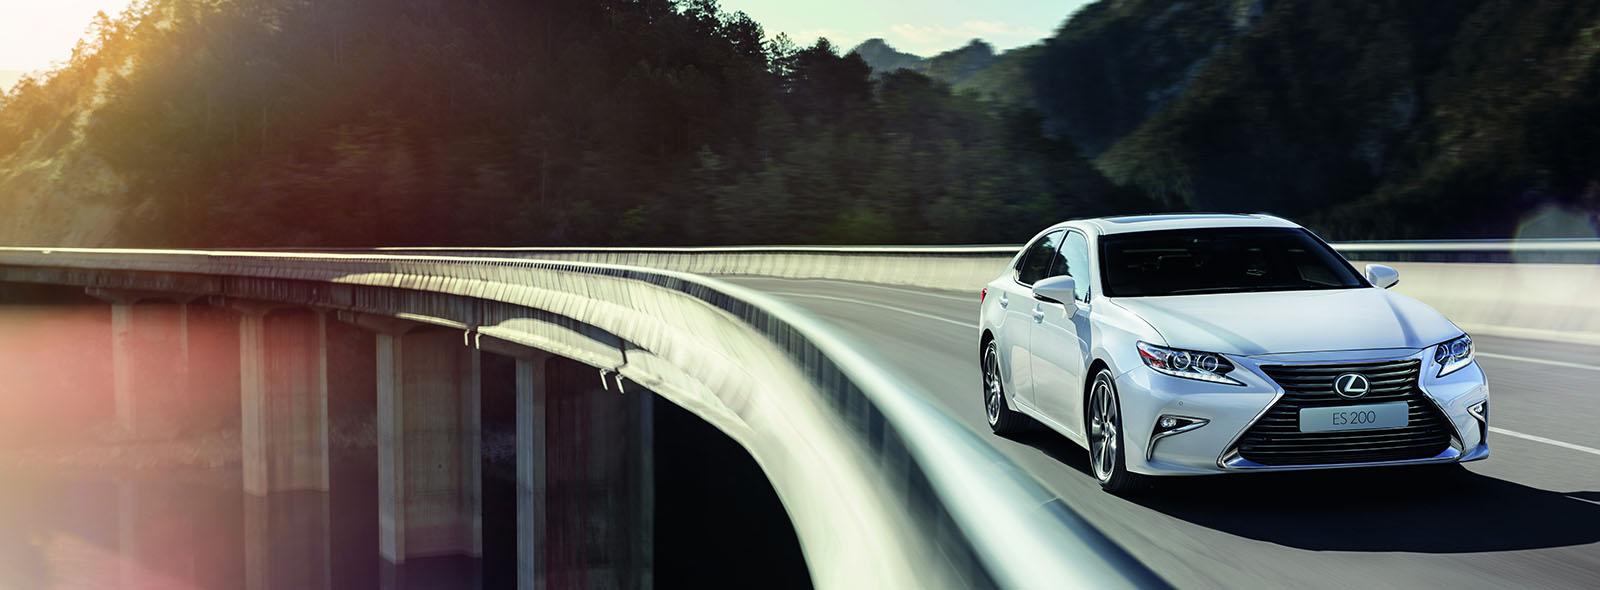 Mirvari ağ Lexus ES 200 avtomobili körpü üzərində hərəkətdə